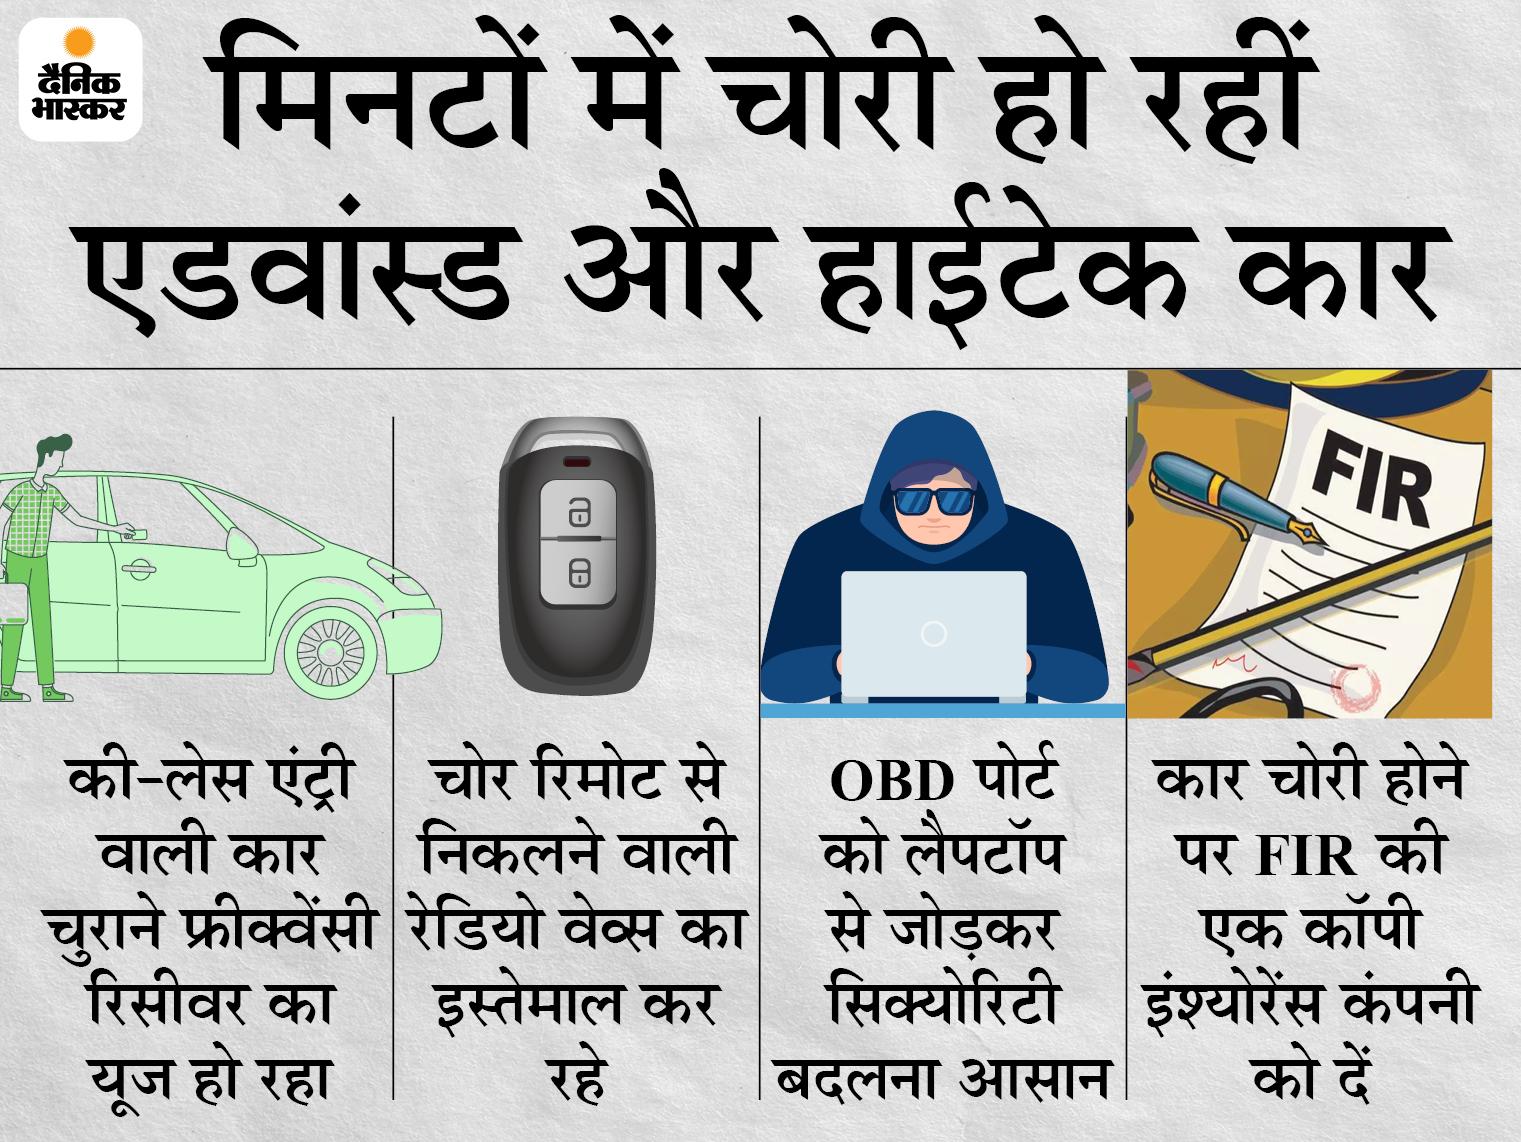 5 मिनट में चोर ले उड़े हाईटेक फॉर्च्यूनर, फ्रीक्वेंसी की मदद से तोड़ी की-लेस एंट्री; ऐसी कार चोरी से कैसे बचाएं, क्लेम कैसे करें?|टेक & ऑटो,Tech & Auto - Dainik Bhaskar